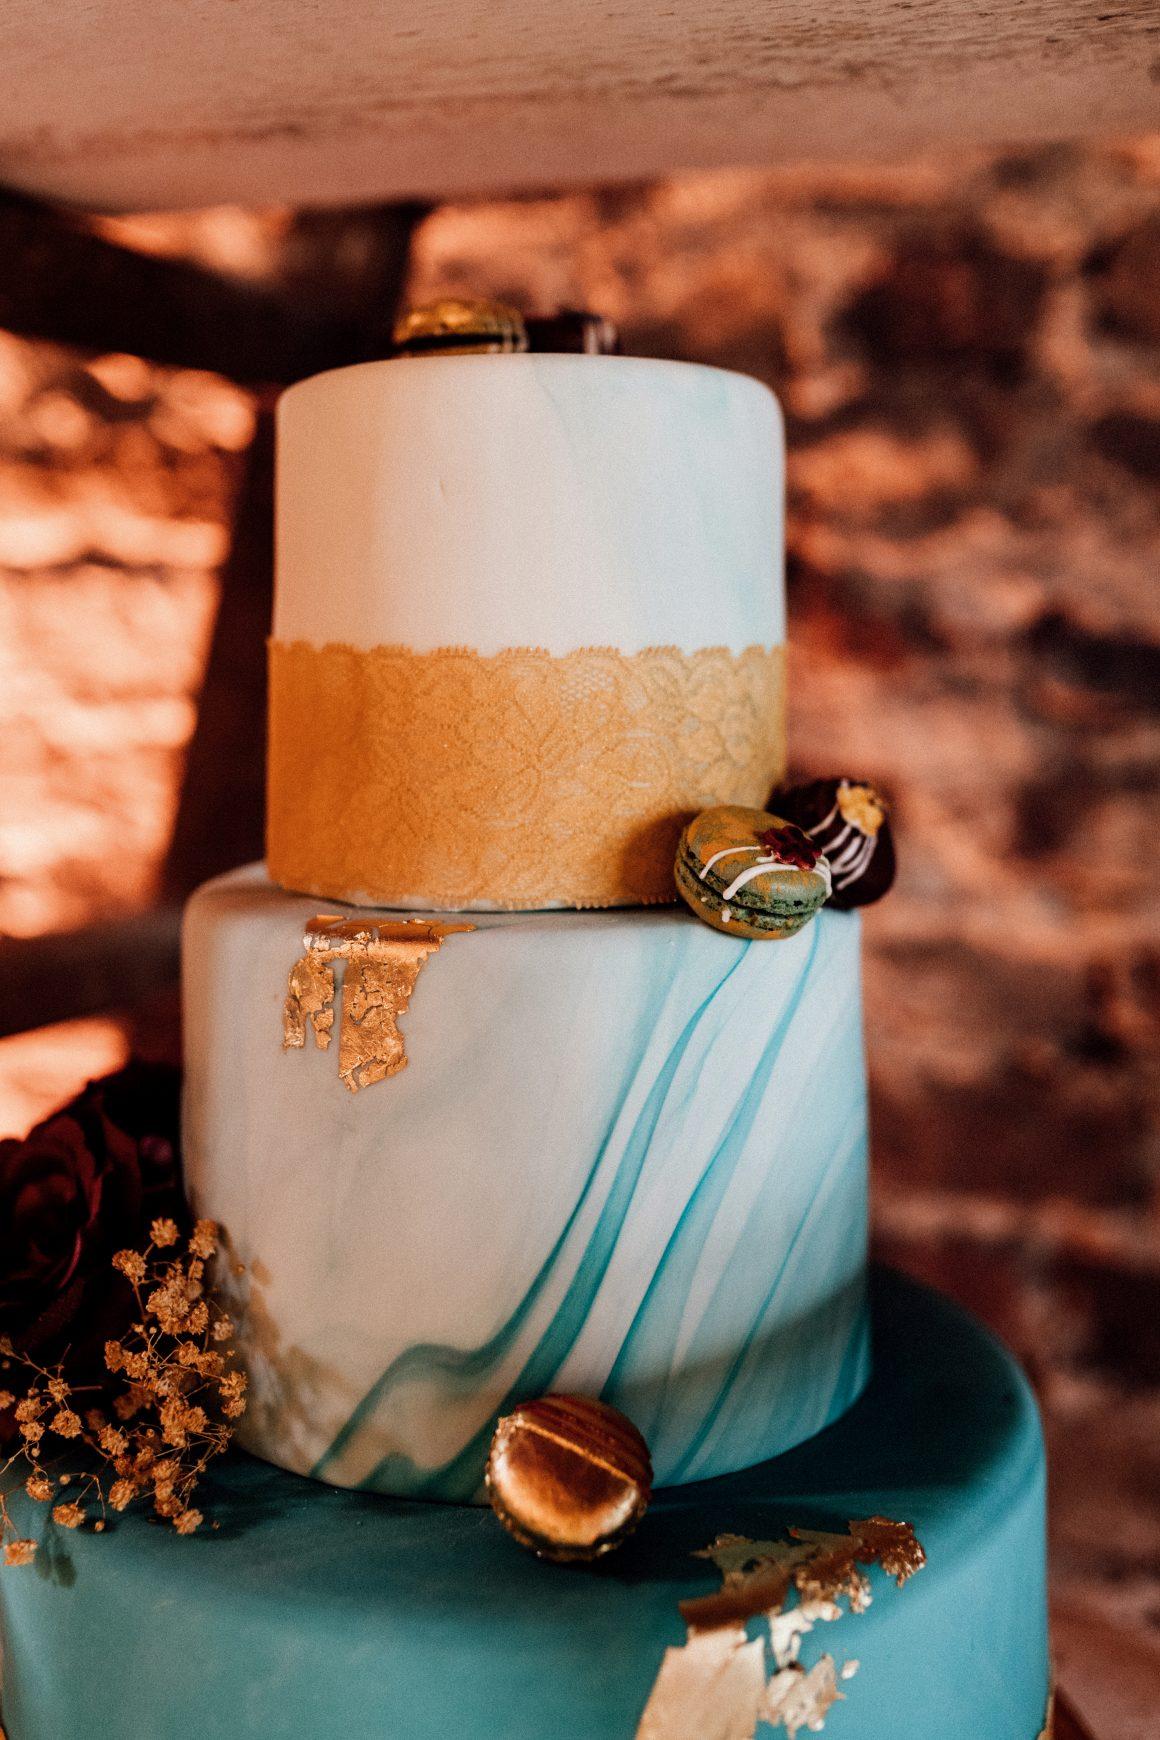 türkismarmorierte dreistöckige Hochzeitstorte mit goldenem Band und Macarons